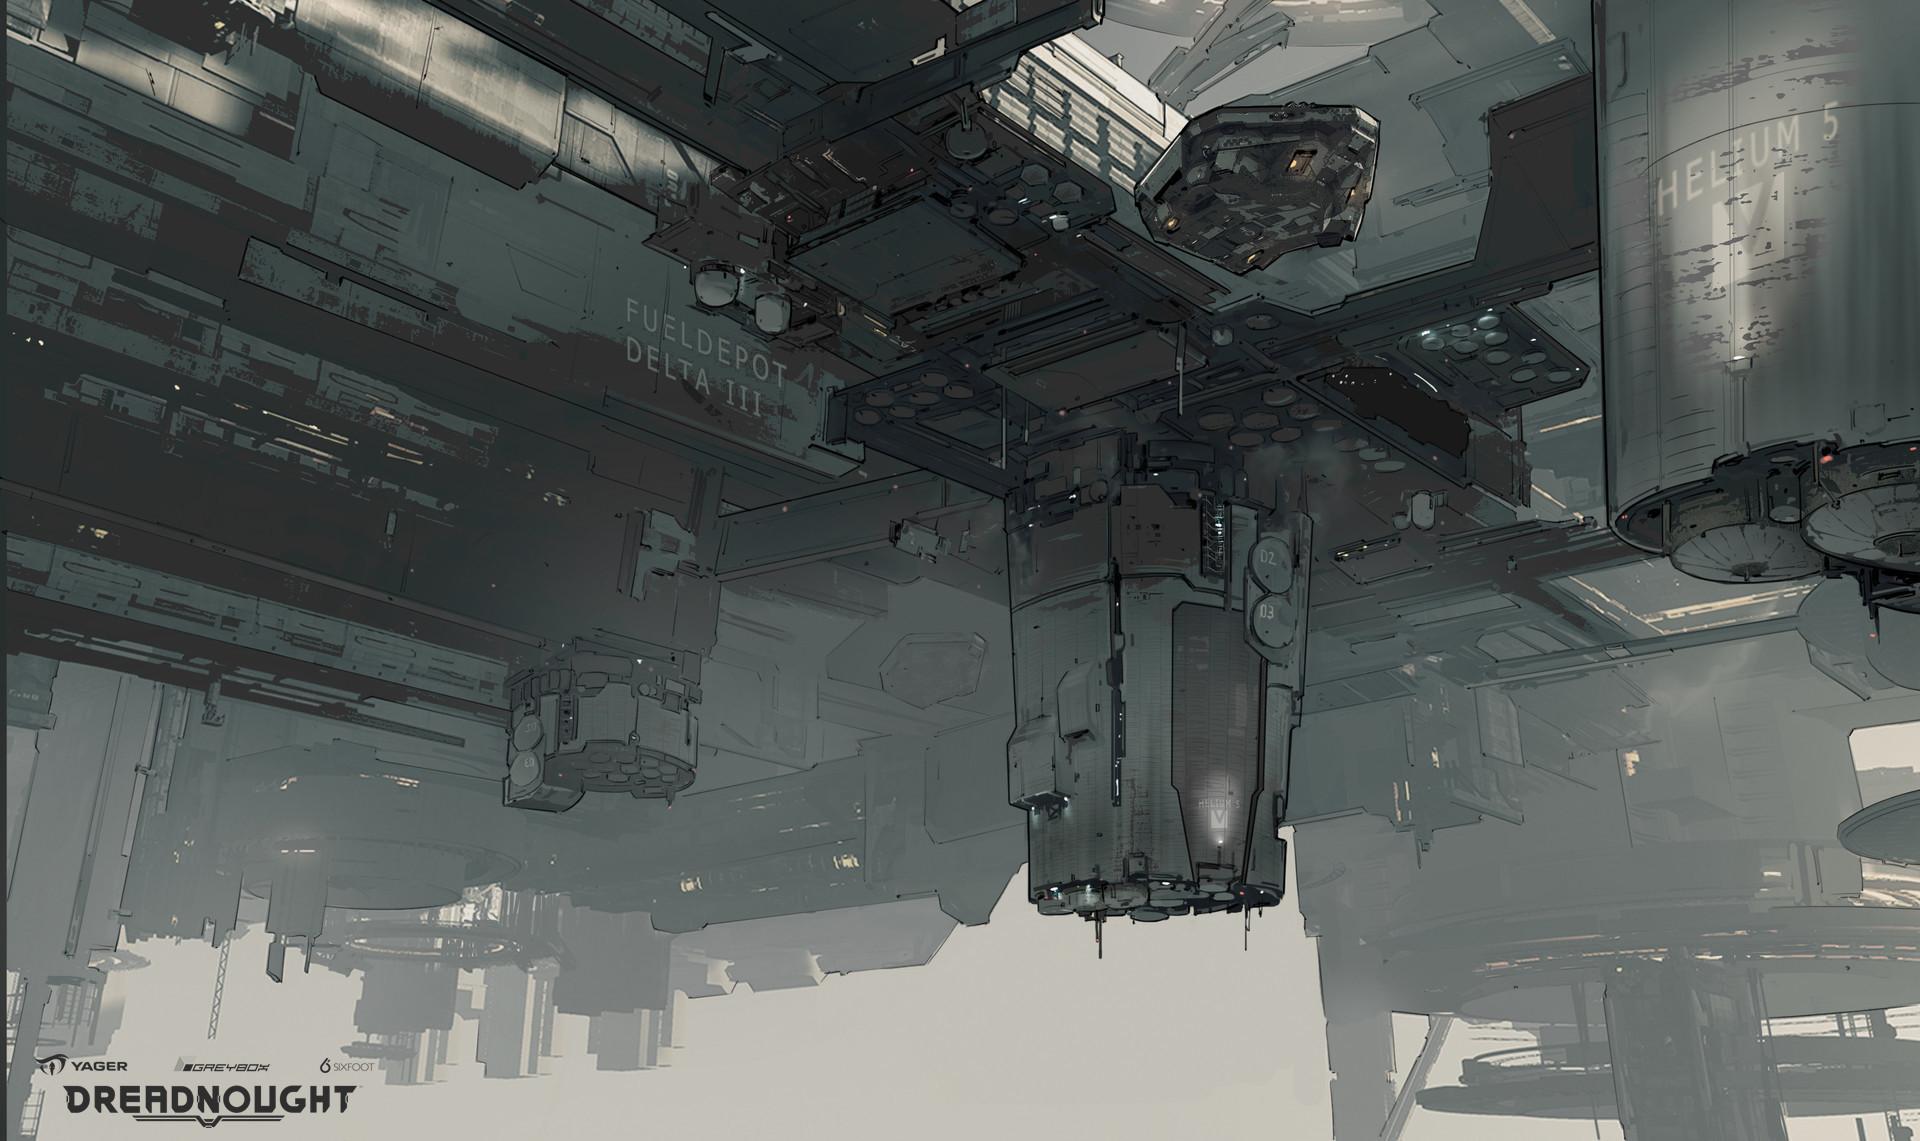 Yuriy mazurkin yuriy mazurkin environment dreadnought 2 a